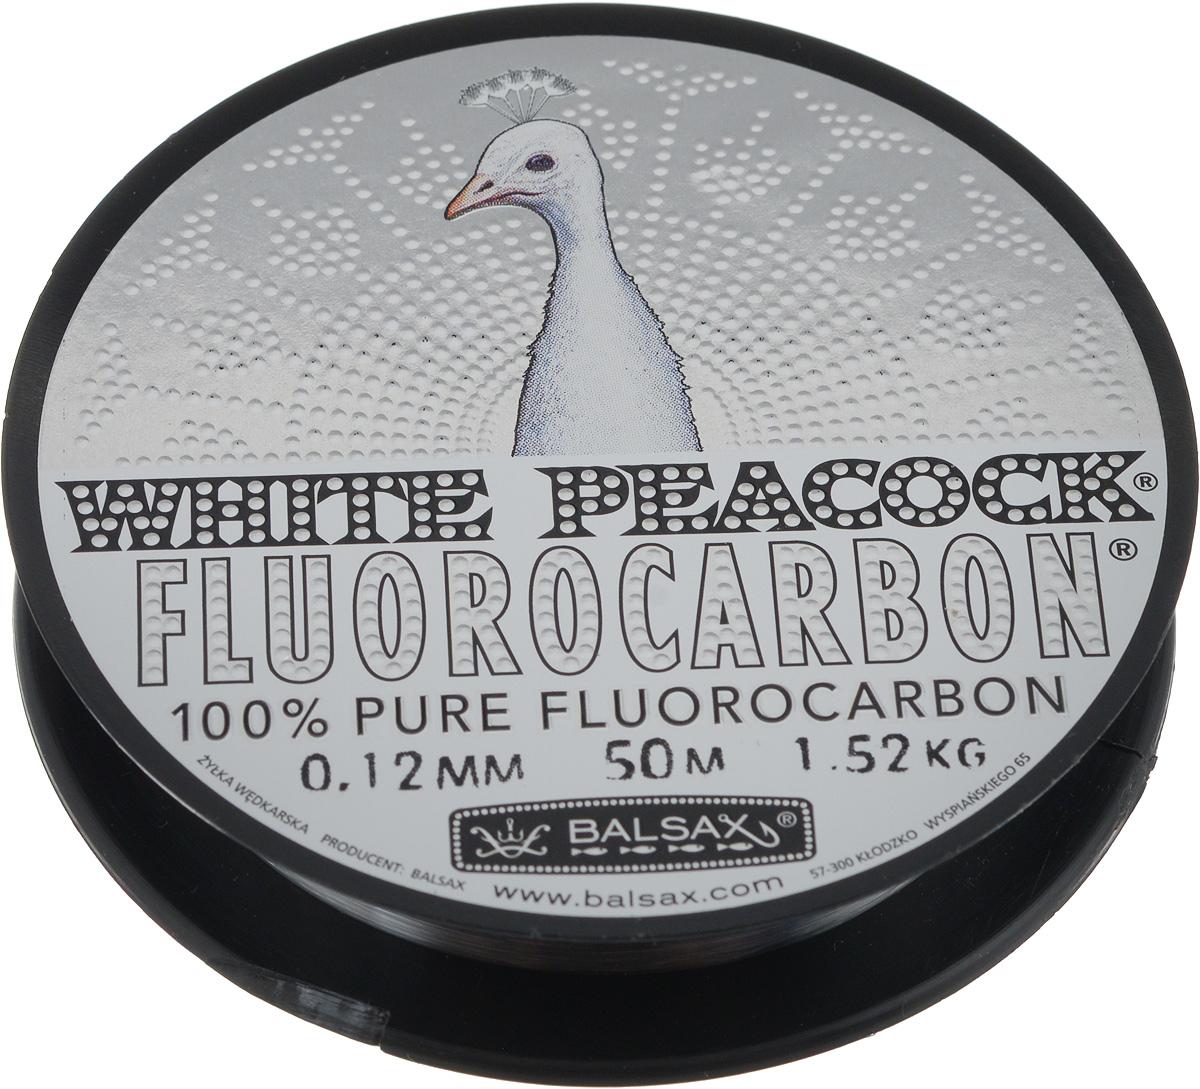 Леска флюорокарбоновая Balsax White Peacock, 50 м, 0,12 мм, 1,52 кг4271842Флюорокарбоновая леска Balsax White Peacock становится абсолютно невидимой в воде. Обычные лески отражают световые лучи, поэтому рыбы их обнаруживают. Флюорокарбон имеет приближенный к воде коэффициент преломления, поэтому пропускает сквозь себя свет, не давая отражений. Рыбы не видят флюорокарбон. Многие рыболовы во всем мире используют подобные лески в качестве поводковых, благодаря чему получают более лучшие результаты.Флюорокарбон на 50% тяжелее обычных лесок и на 78% тяжелее воды. Понятно, почему этот материал используется для рыболовных лесок, он тонет очень быстро. Флюорокарбон не впитывает воду даже через 100 часов нахождения в ней. Обычные лески впитывают до 10% воды в течение 24 часов, что приводит к потере 5 - 10% прочности. Сопротивляемость флюорокарбона к истиранию значительно больше, чем у обычных лесок. Он выдерживает температуры от -40°C до +160°C.